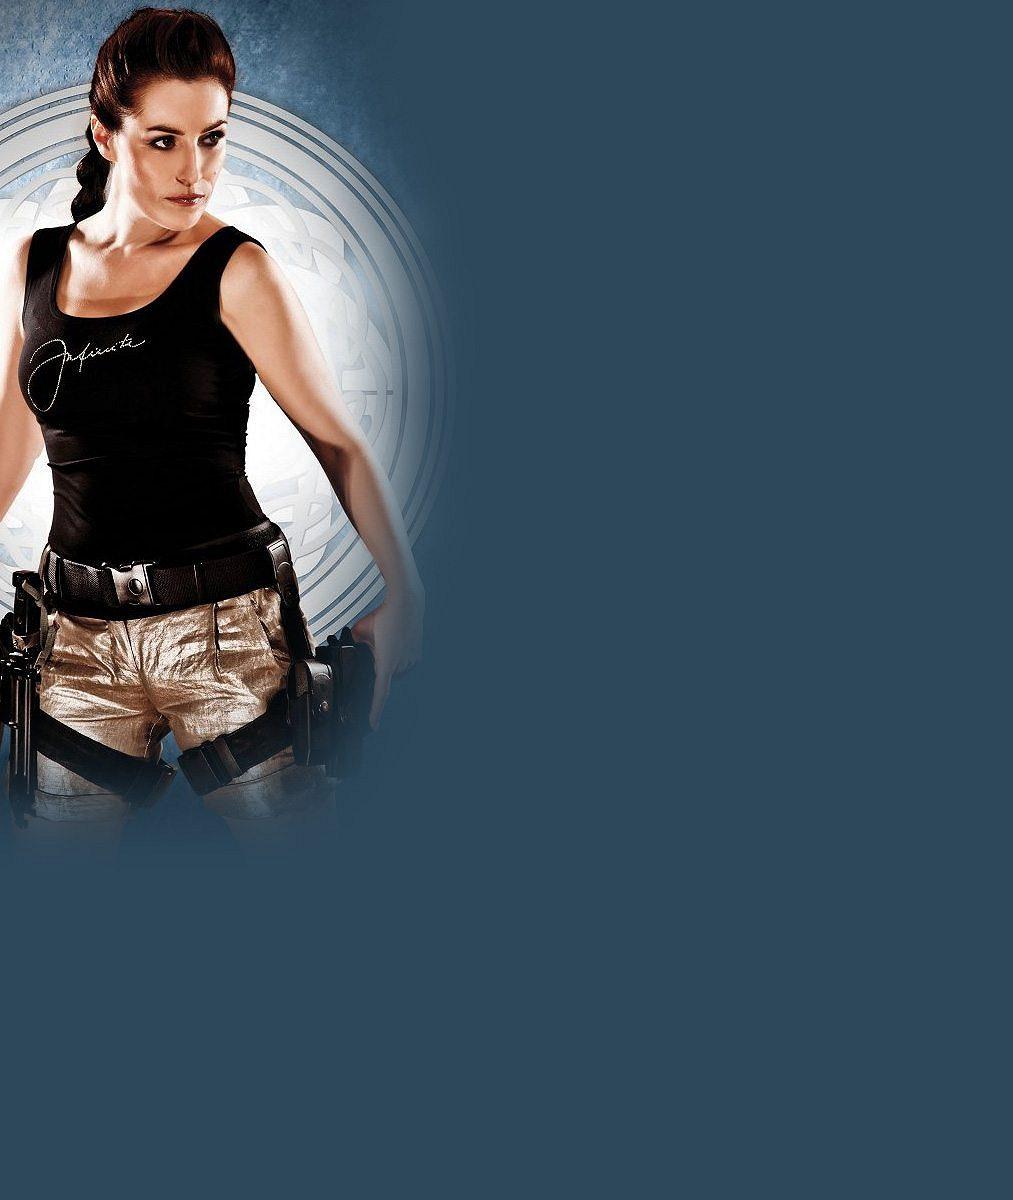 Líbí? Hlavní hrdinka Policie Modrava jako Audrey Hepburn nebo kopie Angeliny Jolie v sexy tílku